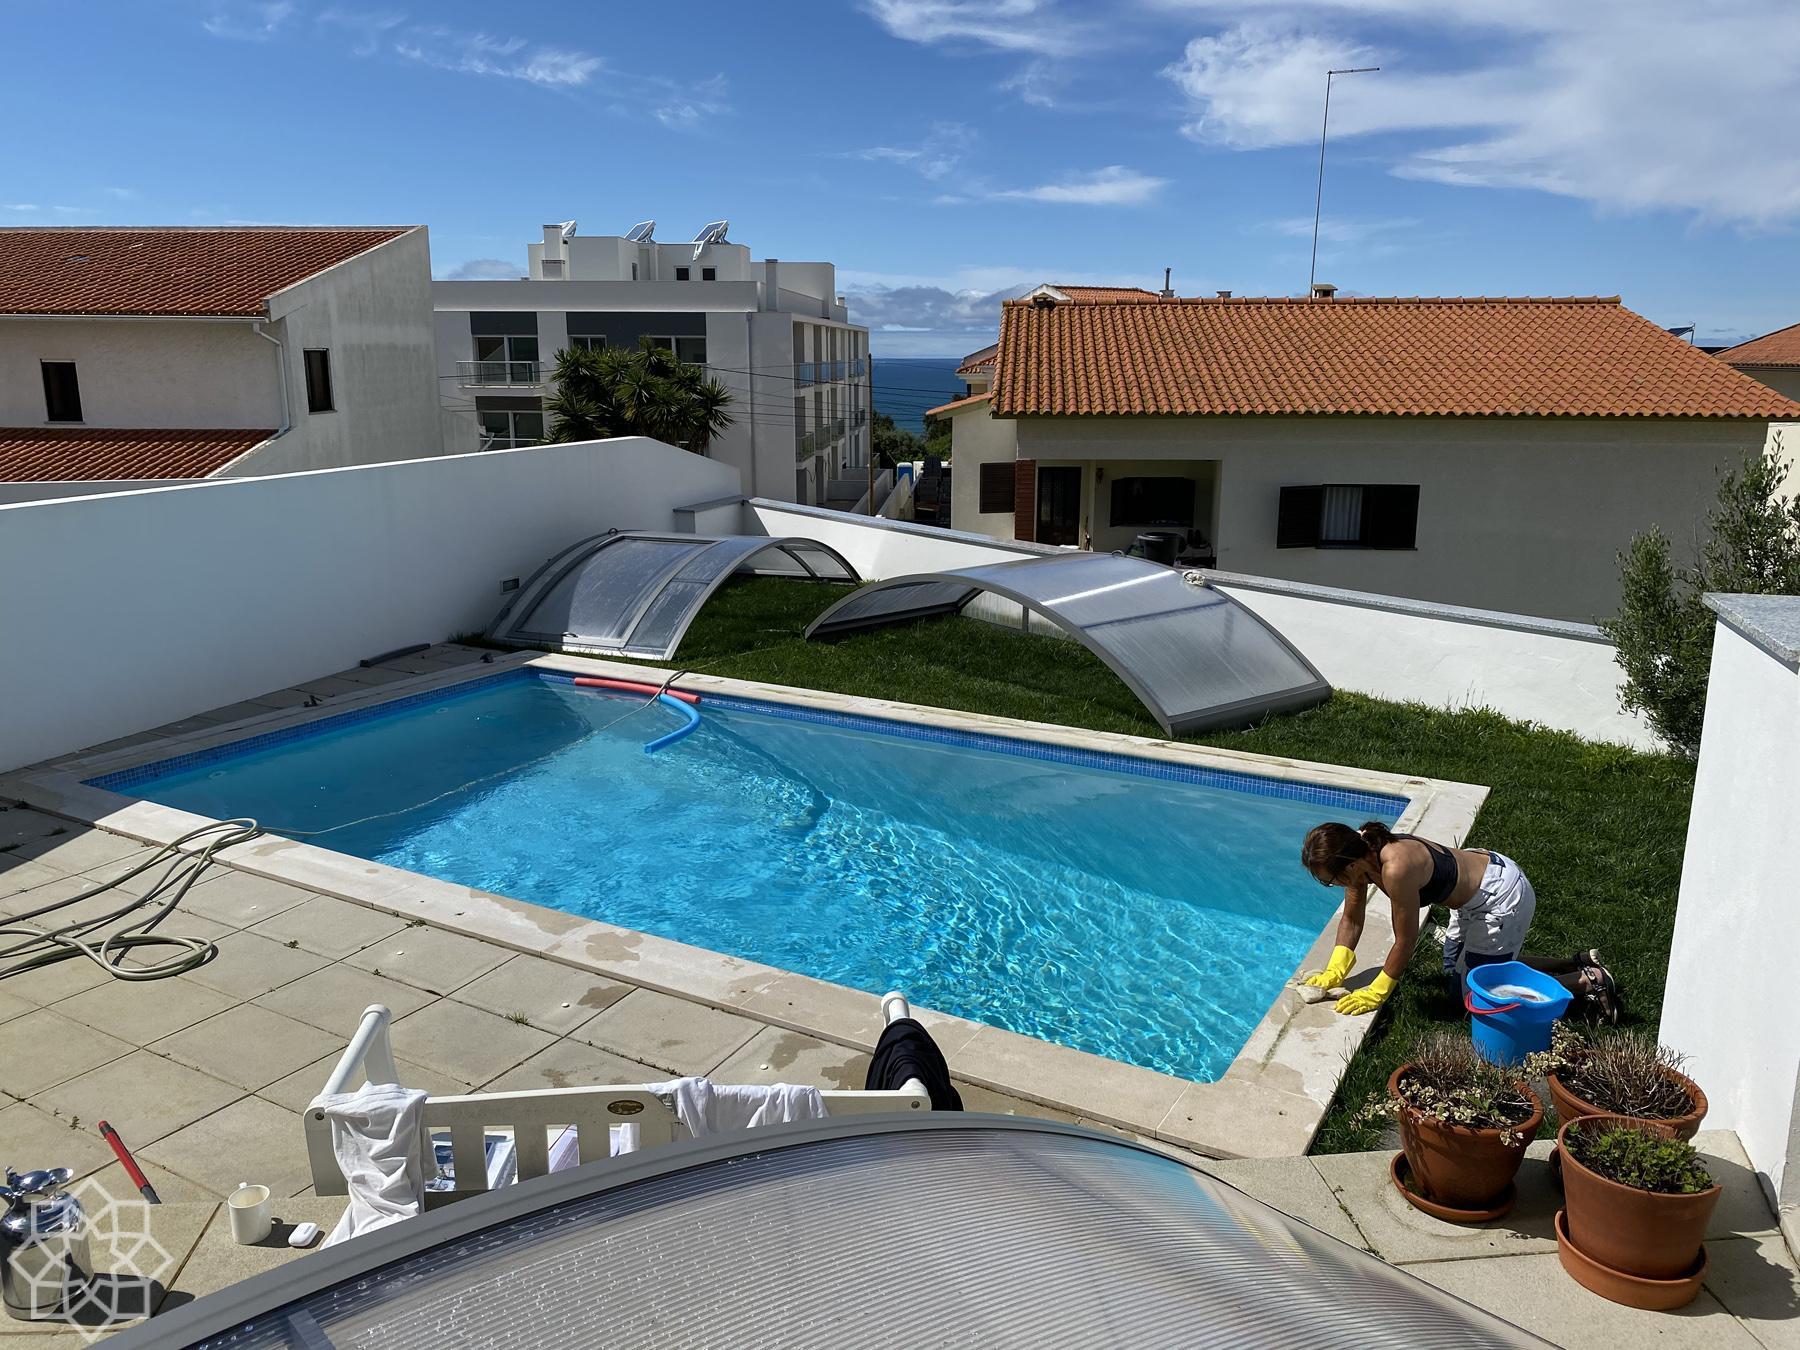 Sommarkänsla i Sitio; poolen skall fejas inför badsäsongen.